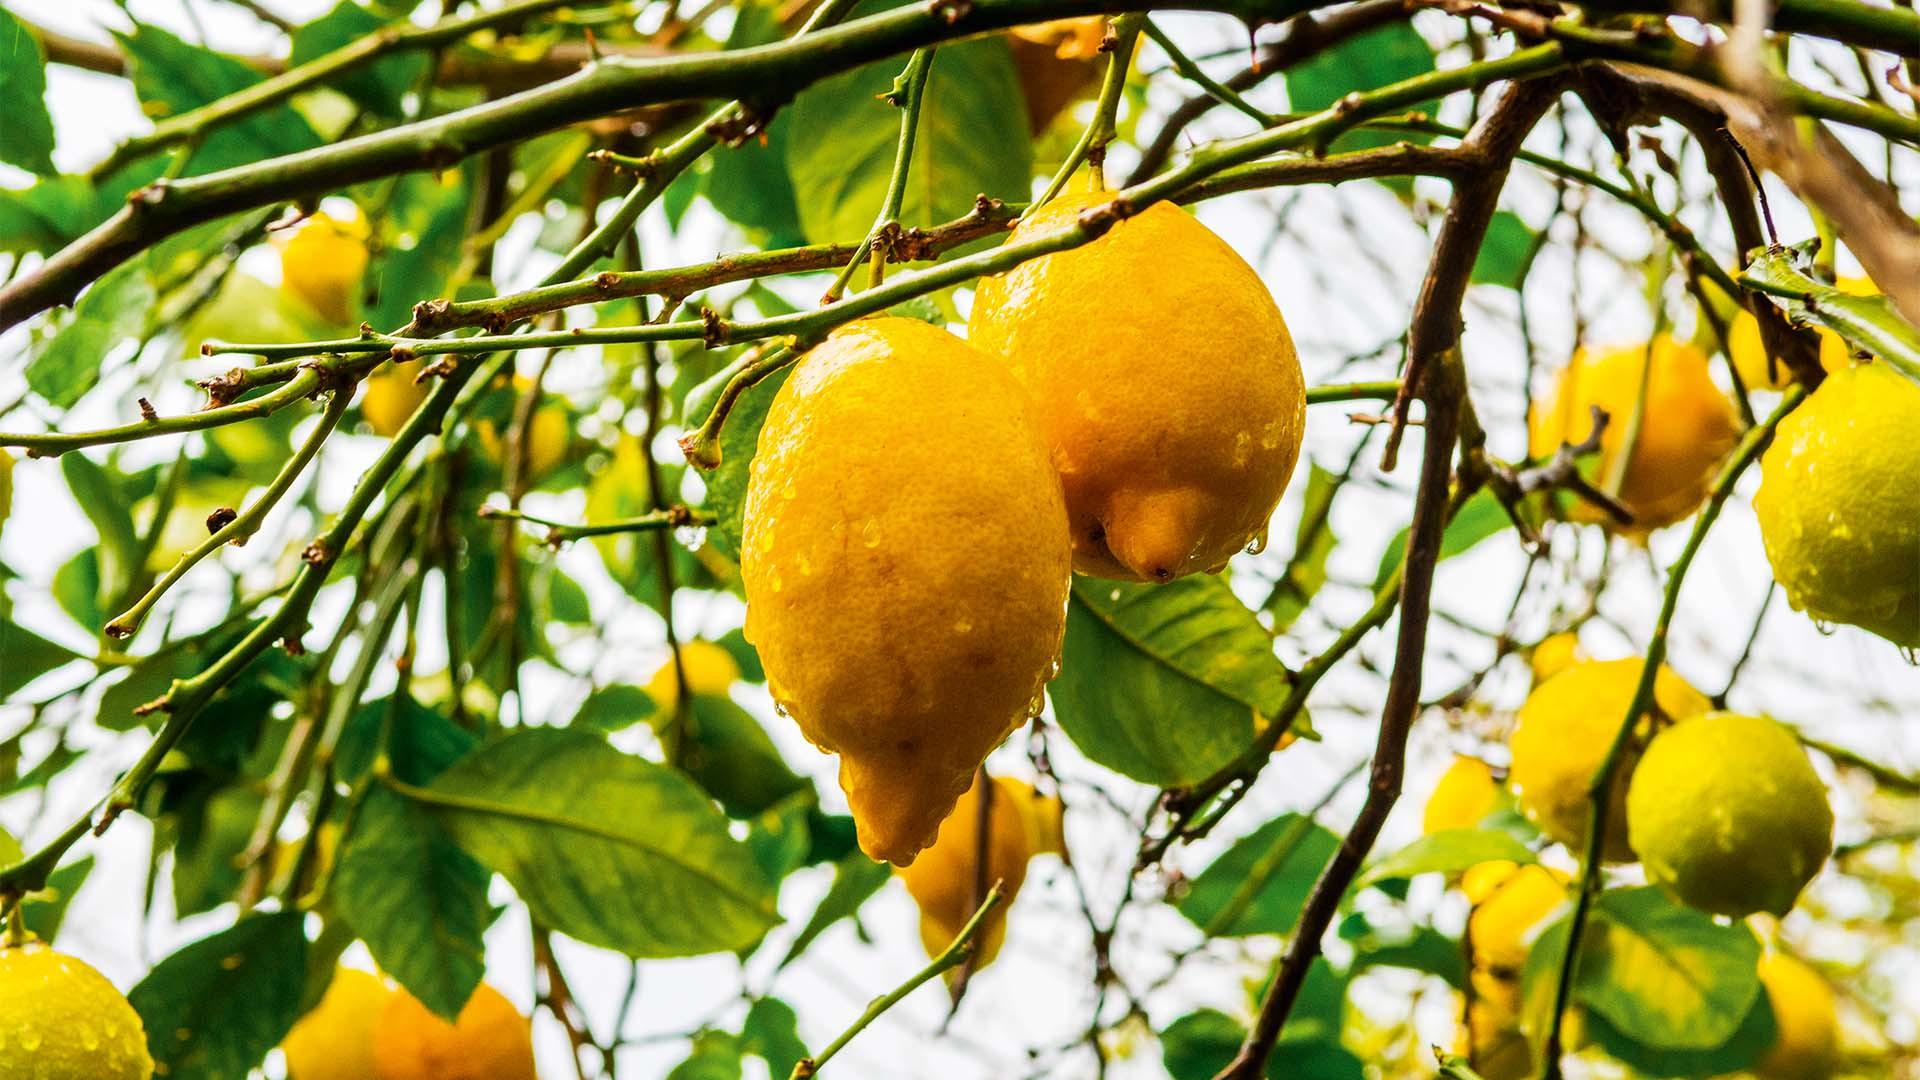 Lemons growing in Murcia, Spain